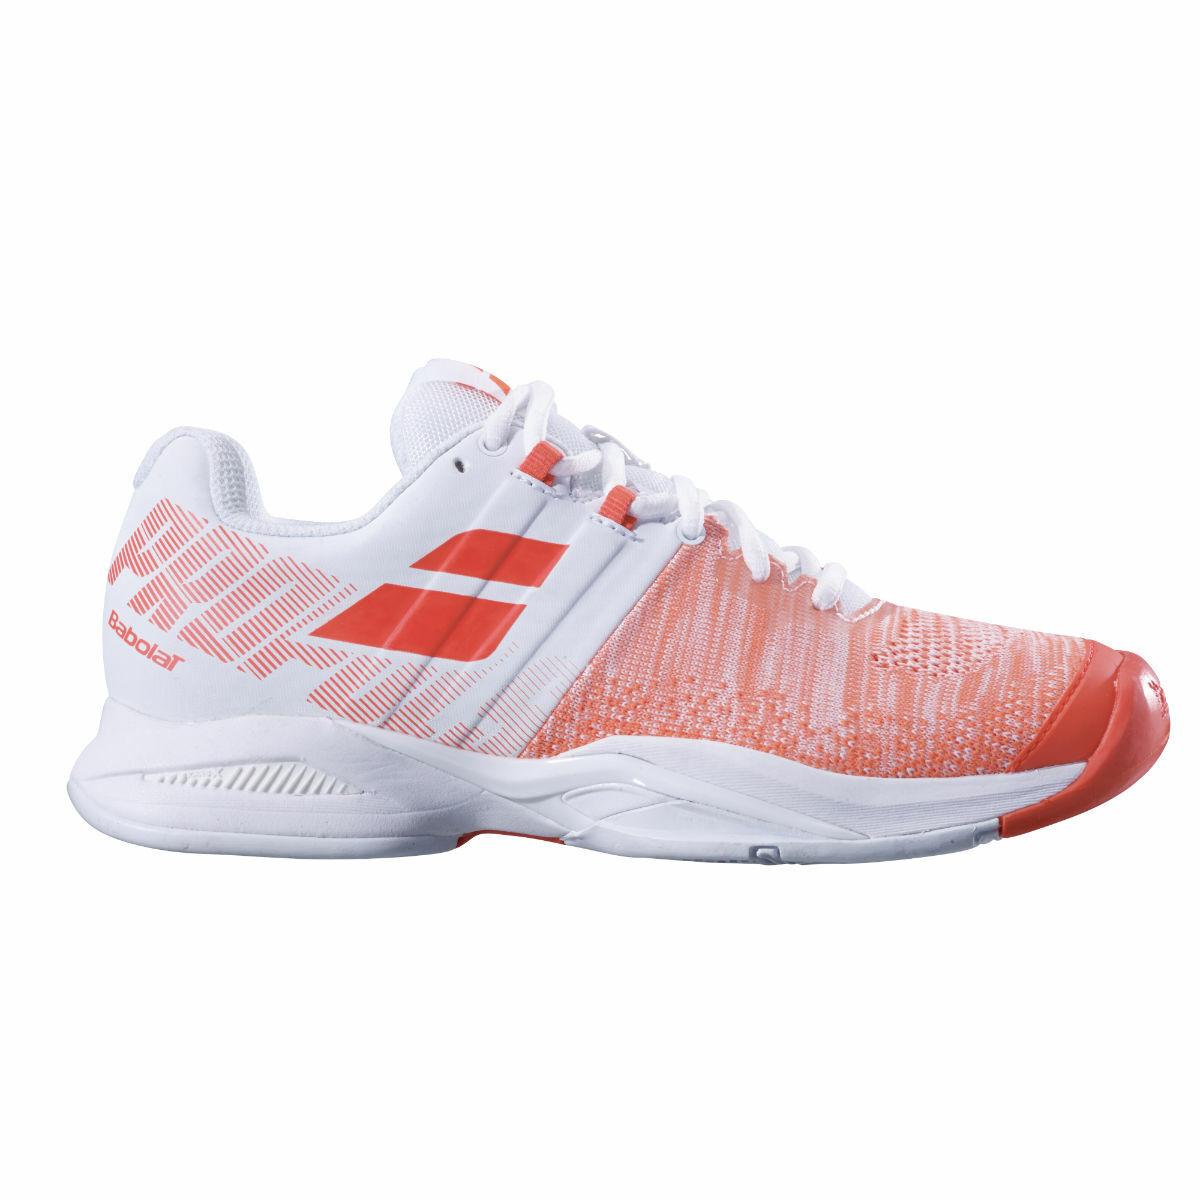 Babolat Propulse Blast AC Mujeres Tenis Zapato-blancoo Rojo-Distribuidor Autorizado